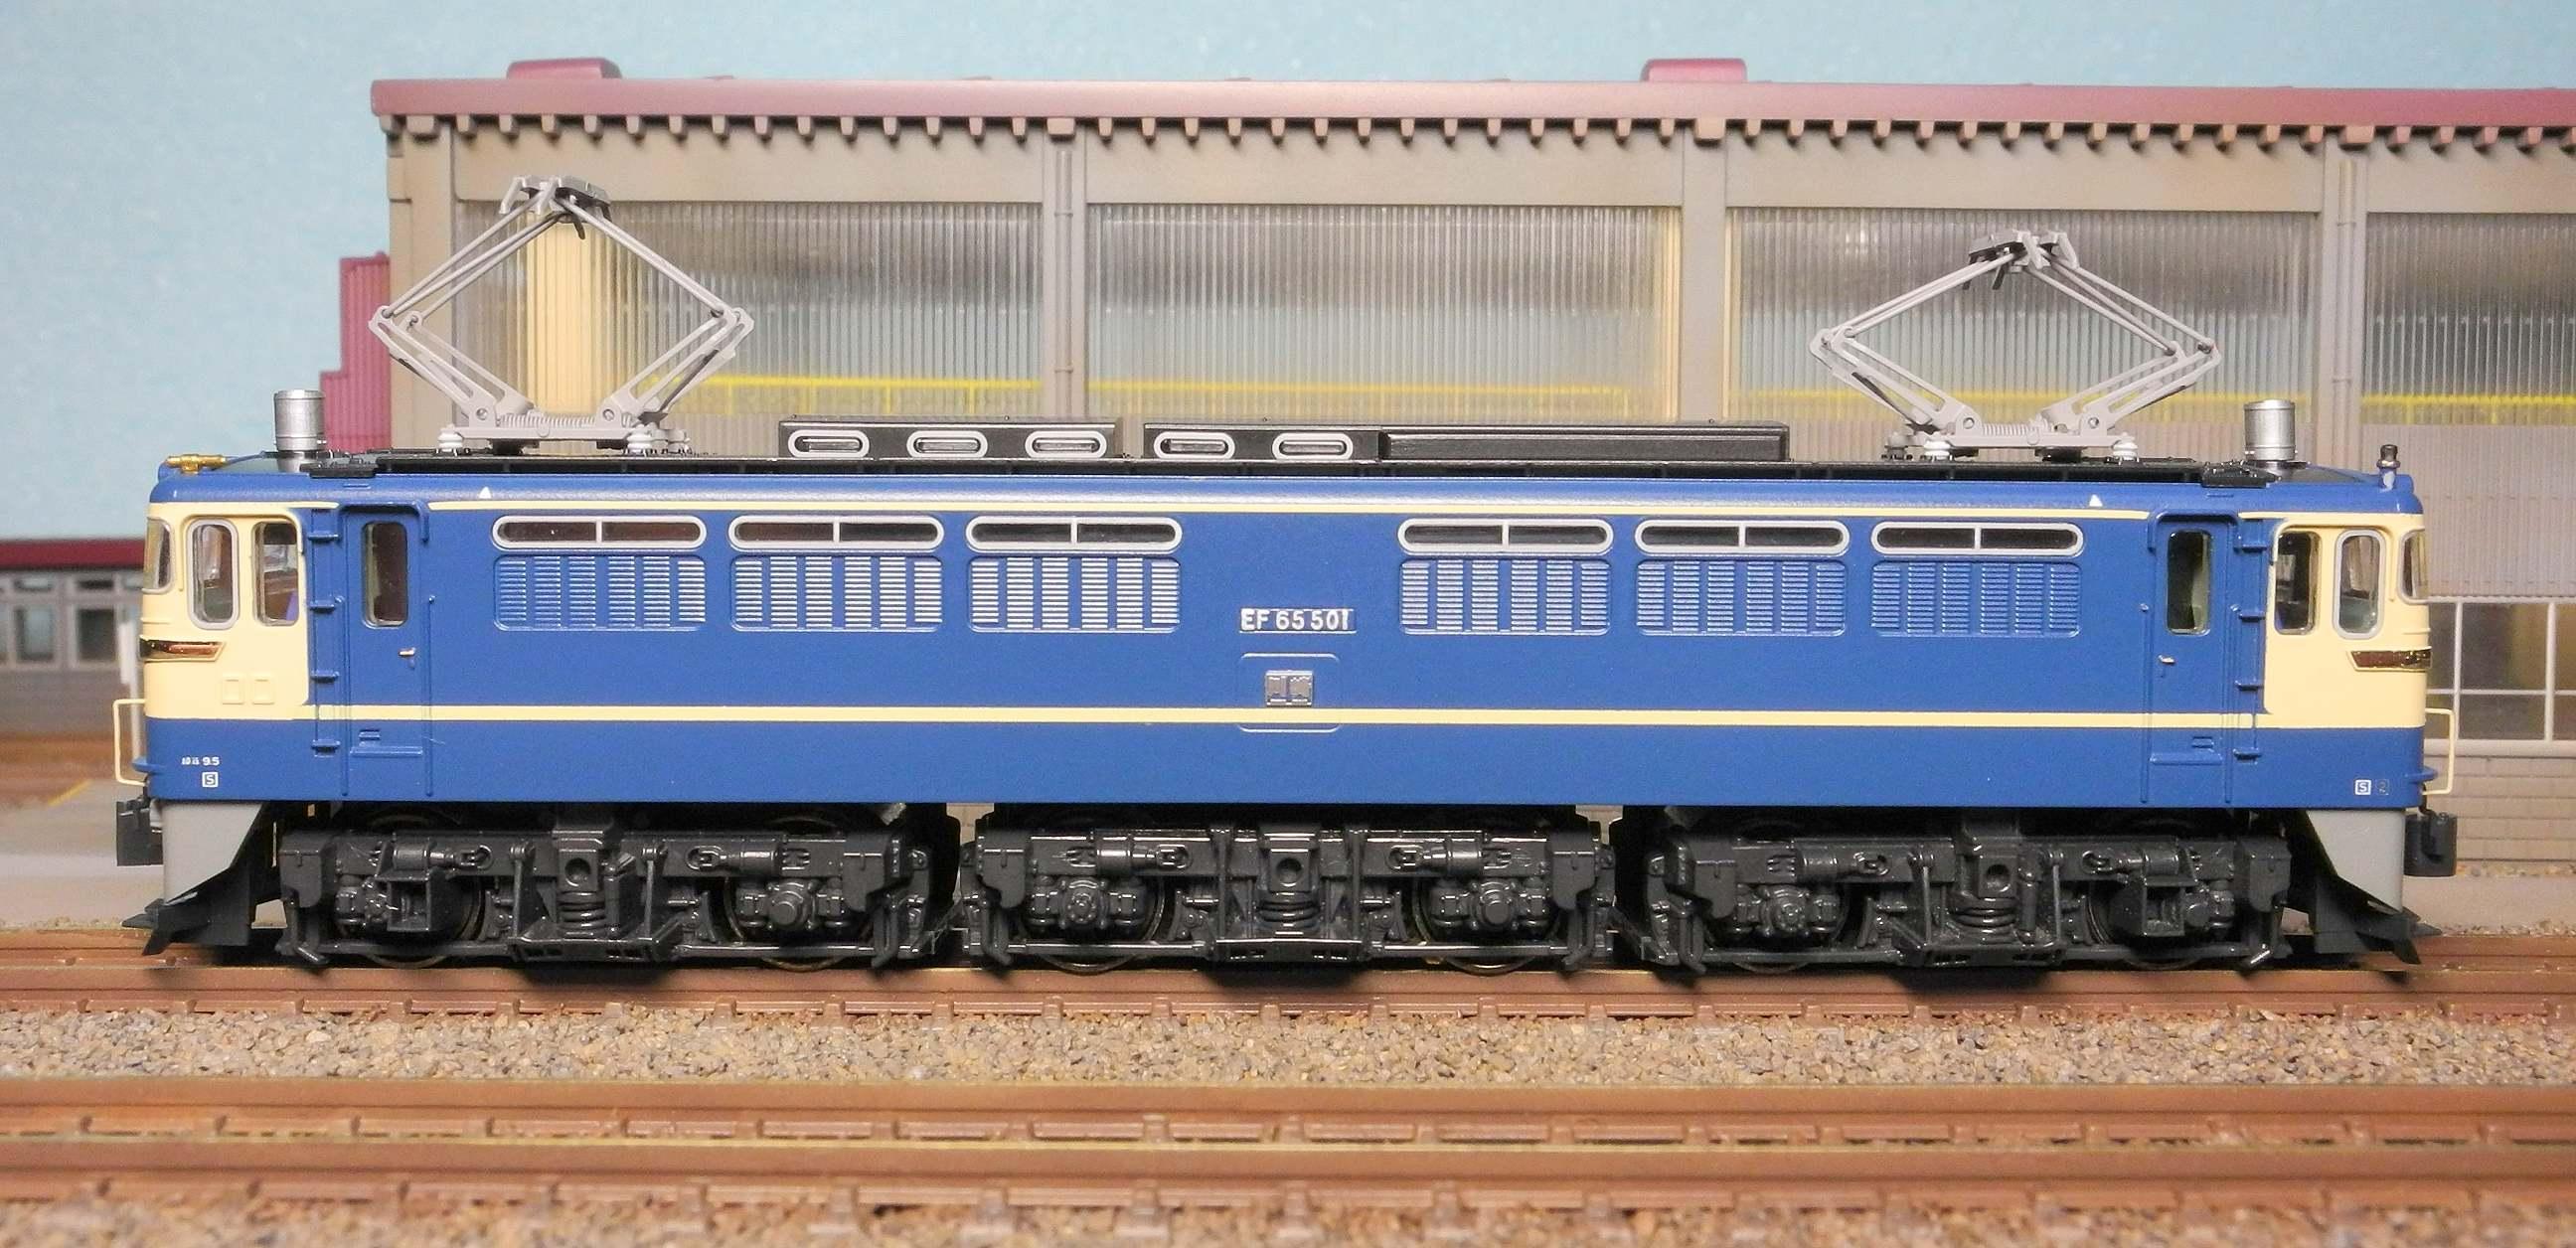 DSCN7547-1.jpg